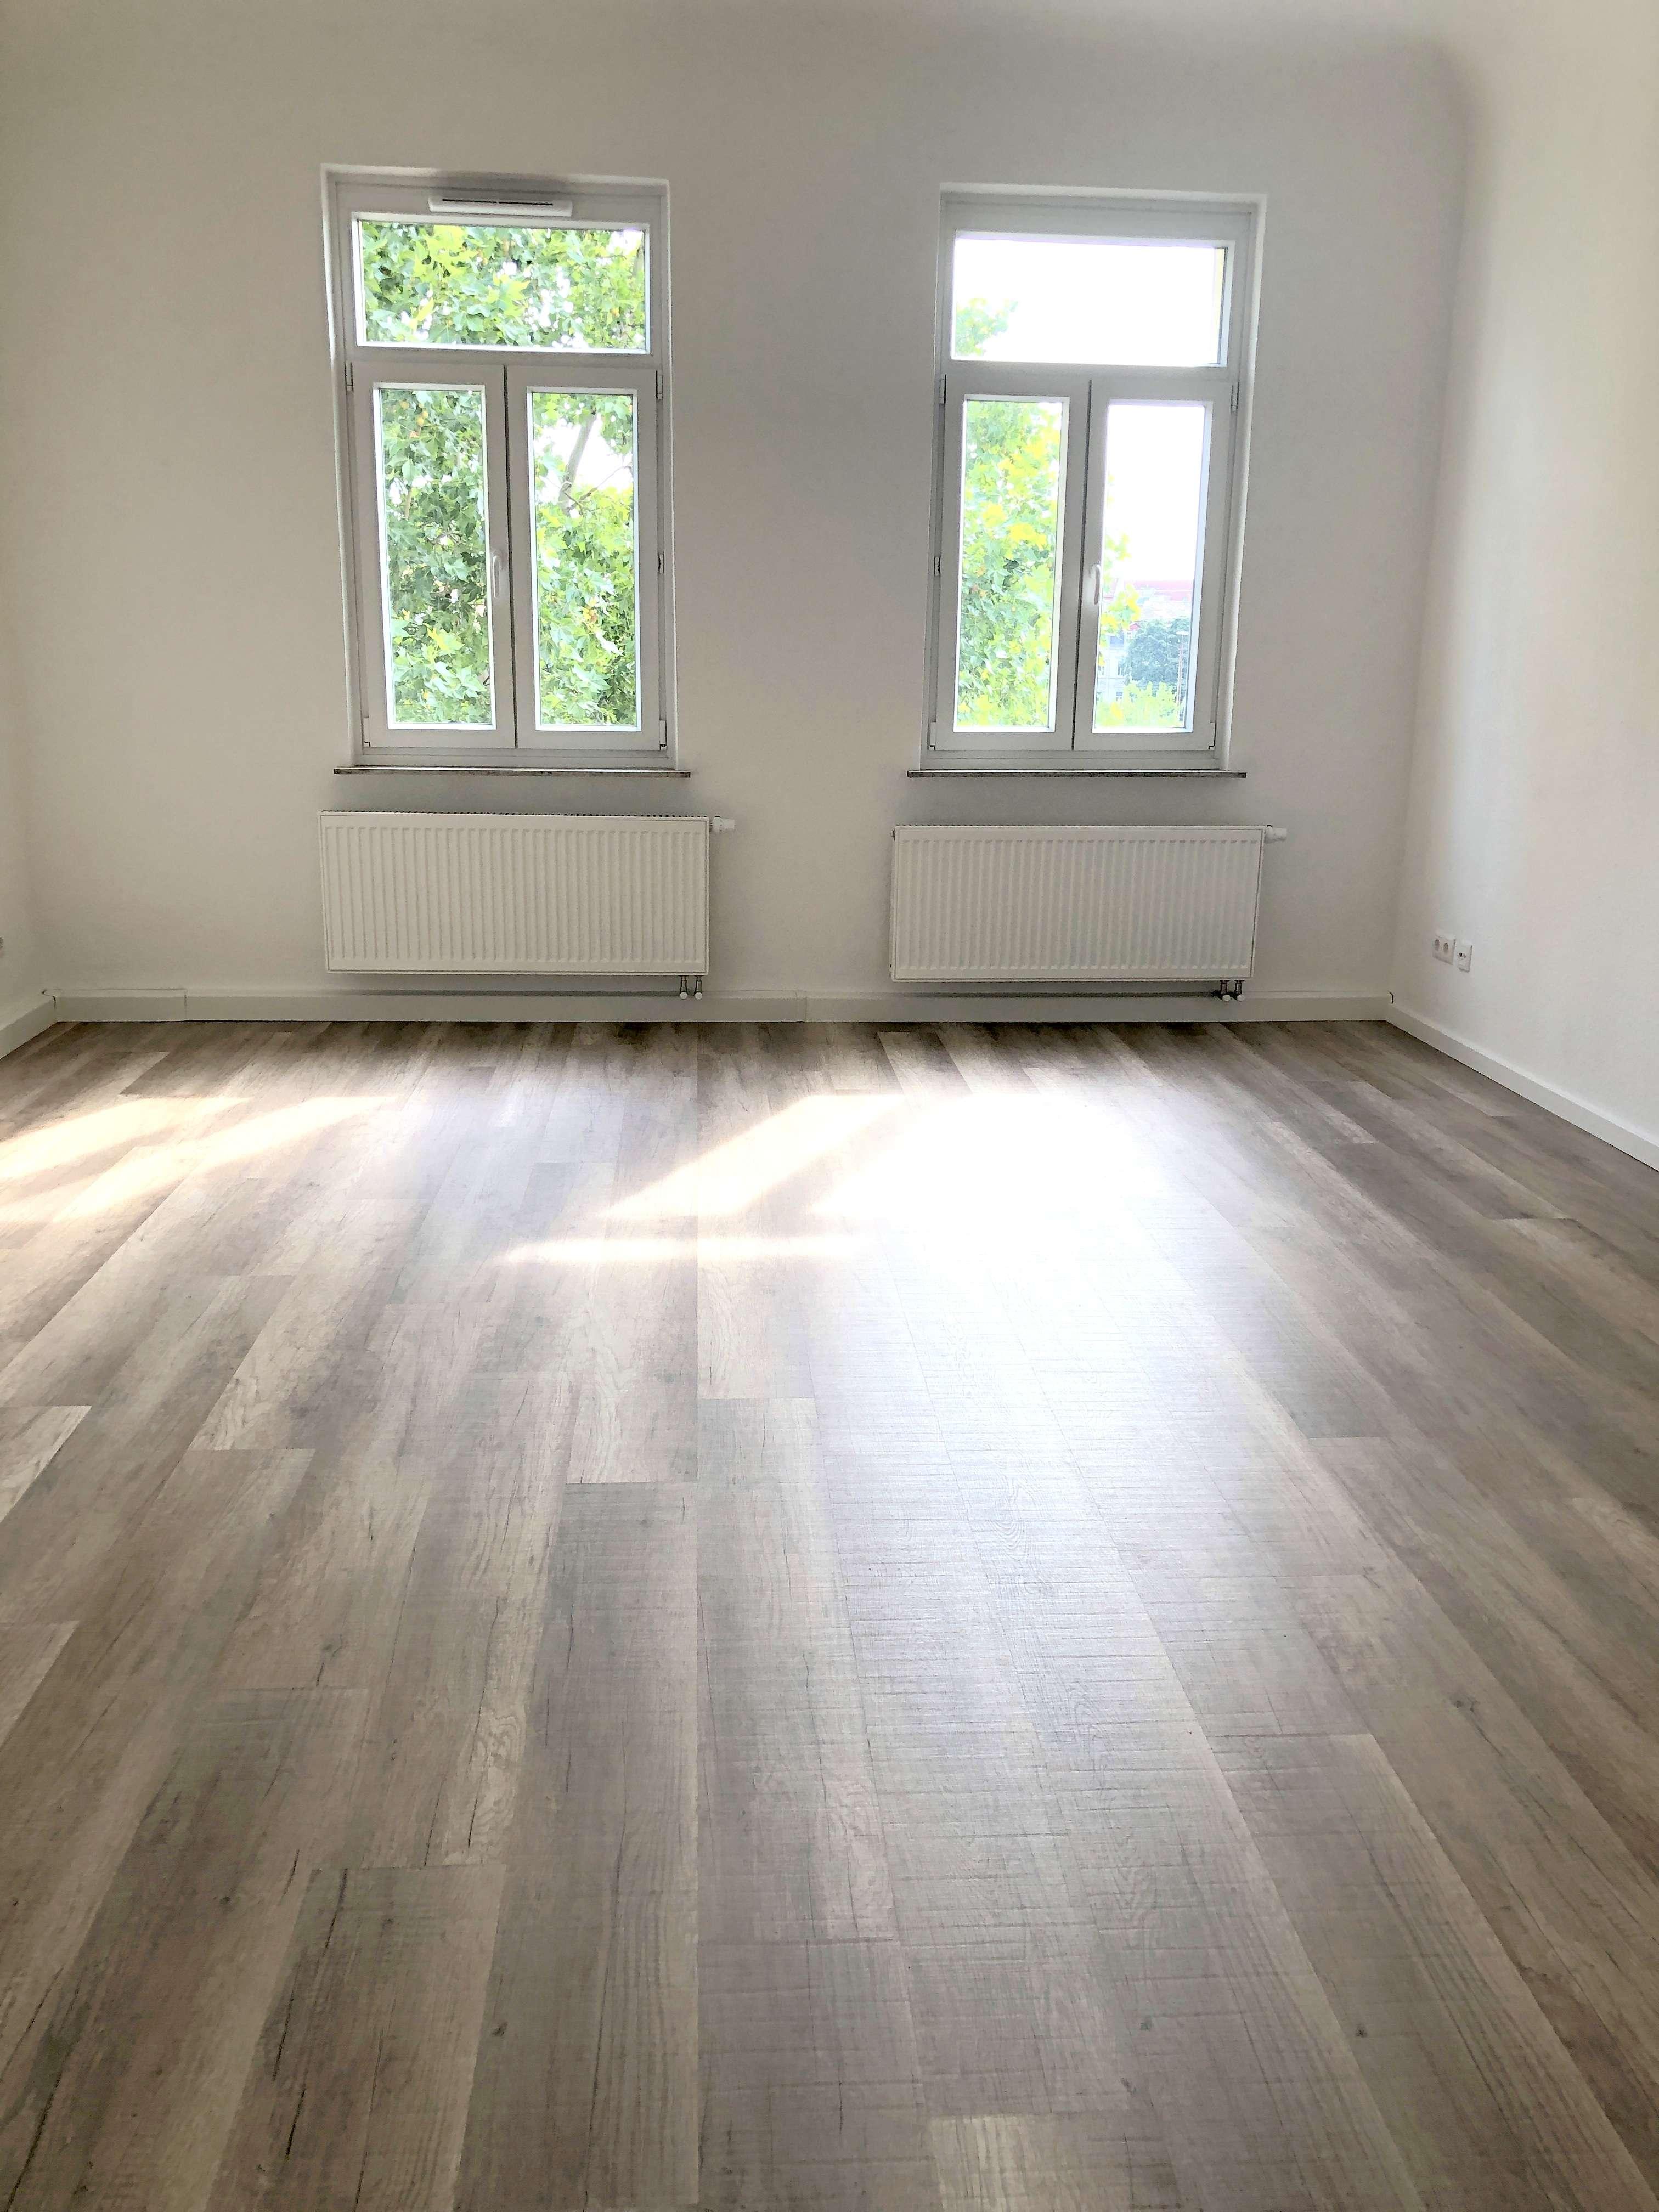 Schicke und komplett renovierte 3 Zimmer Wohnung in der Hornschuchpromenade in Stadtpark / Stadtgrenze (Fürth)